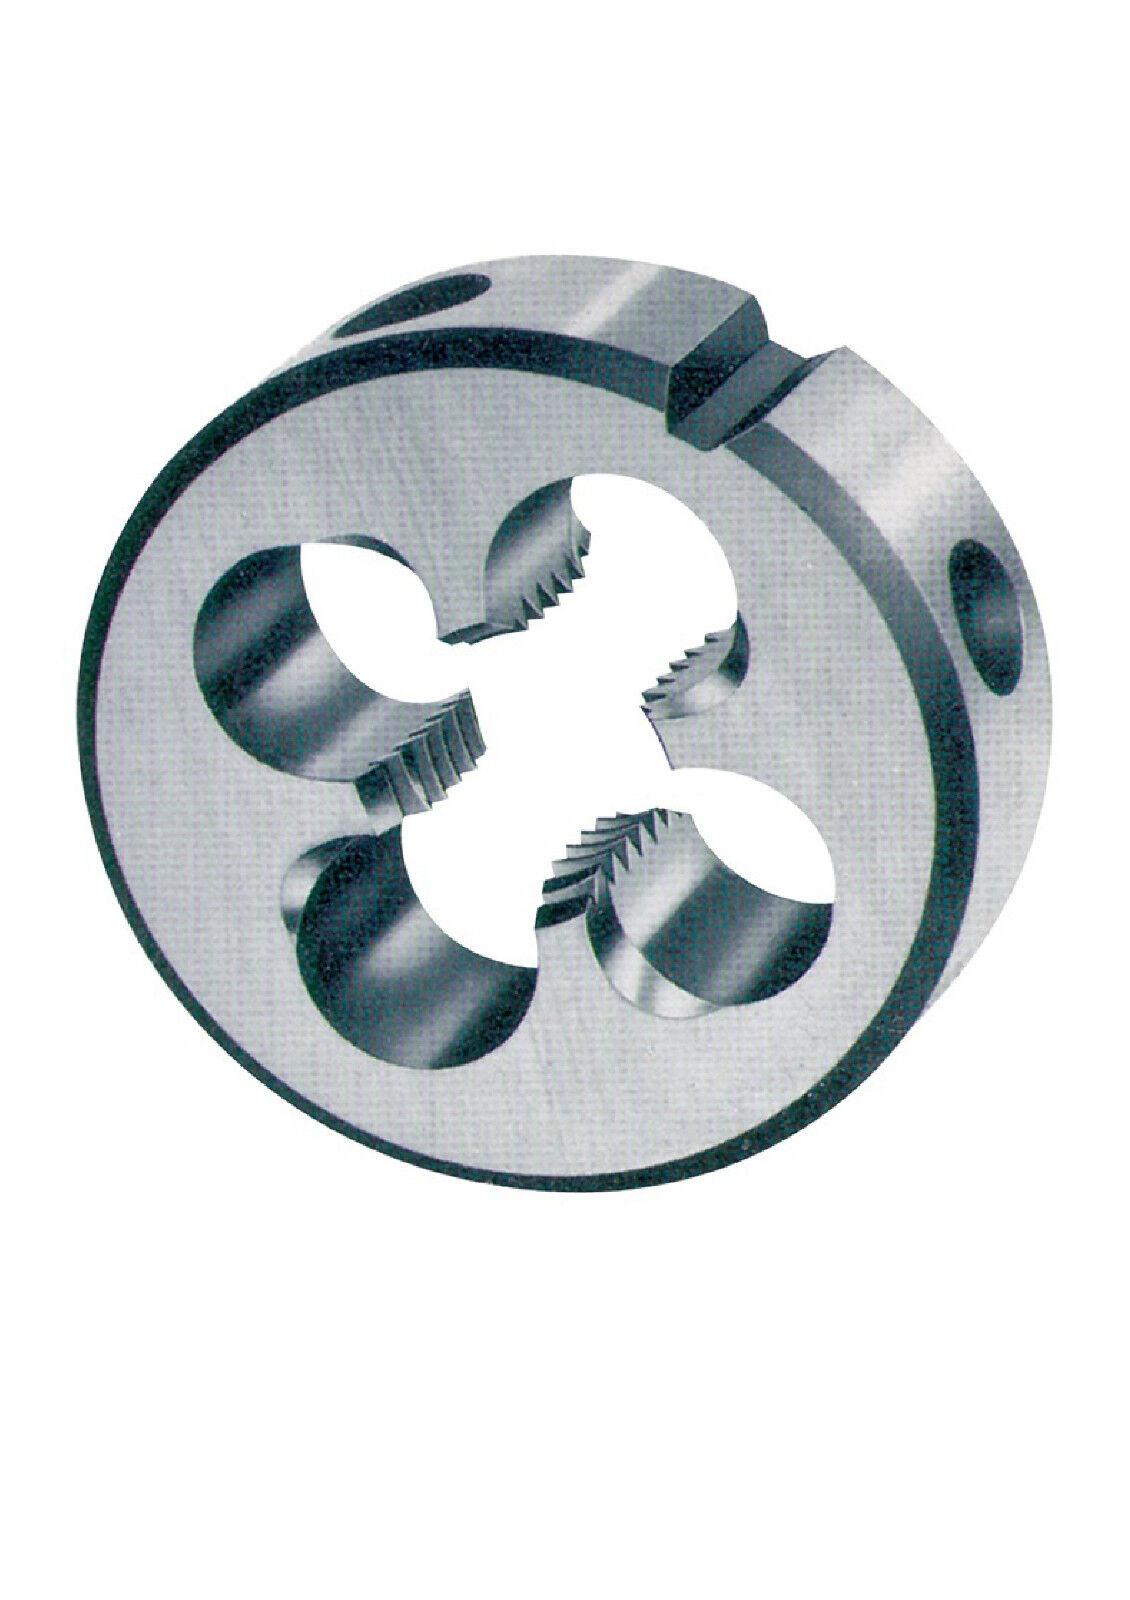 16x5mm Schneideisen EN 22568 M 2 DIN 223//B